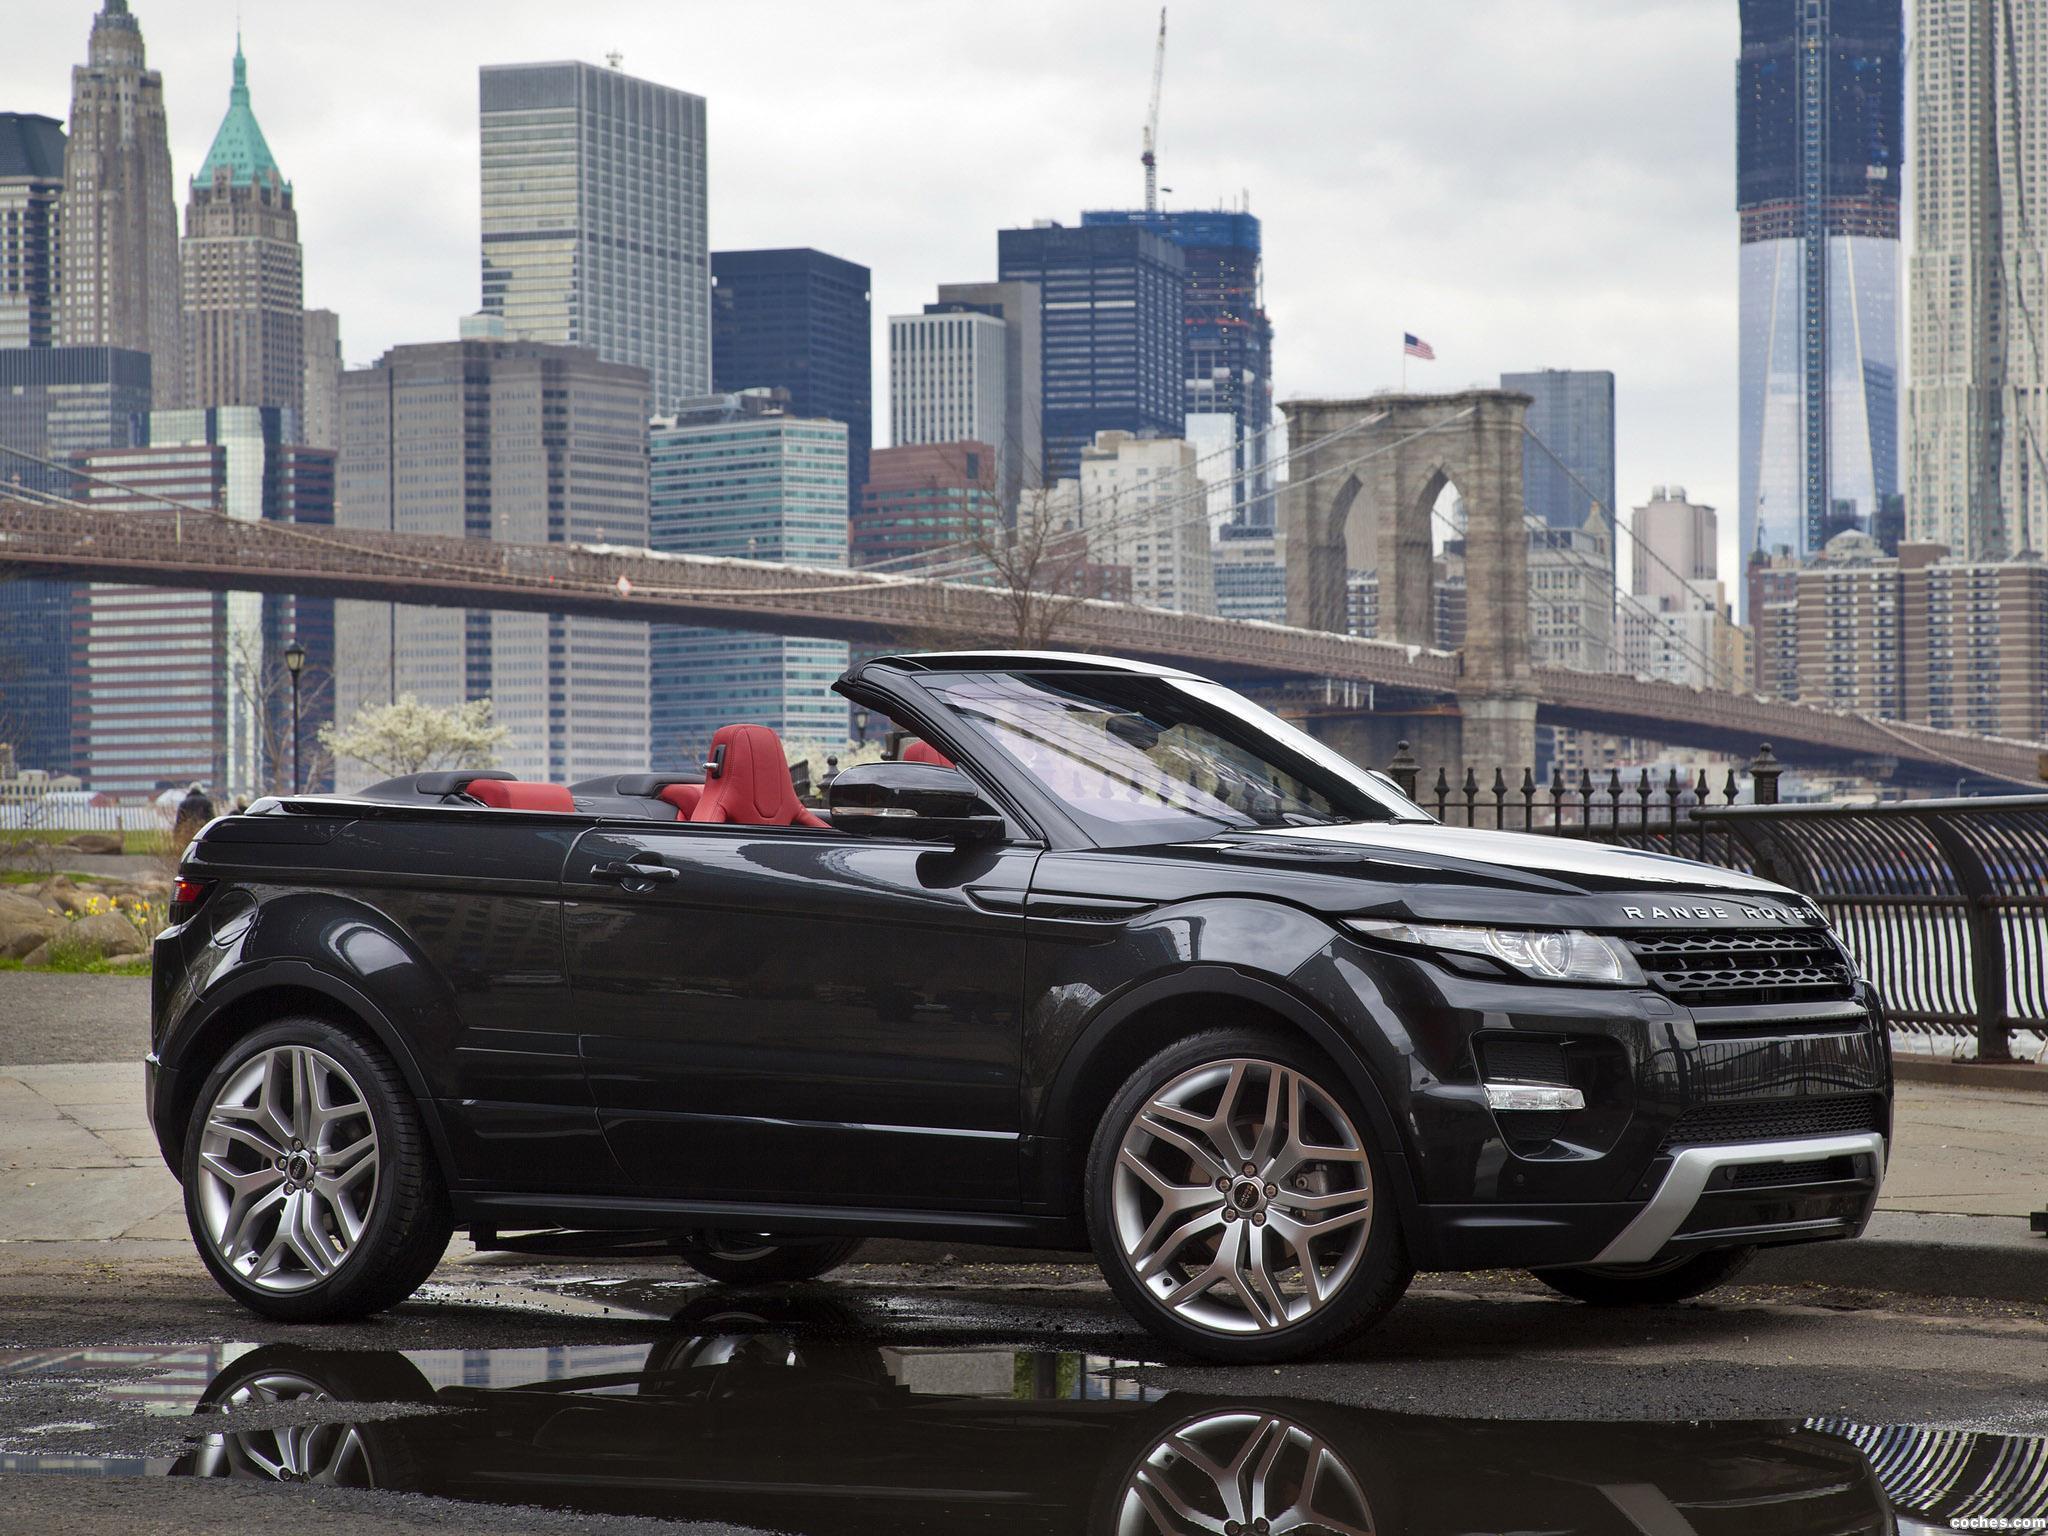 Foto 0 de Land Rover Range Rover Evoque Convertible Concept 2012